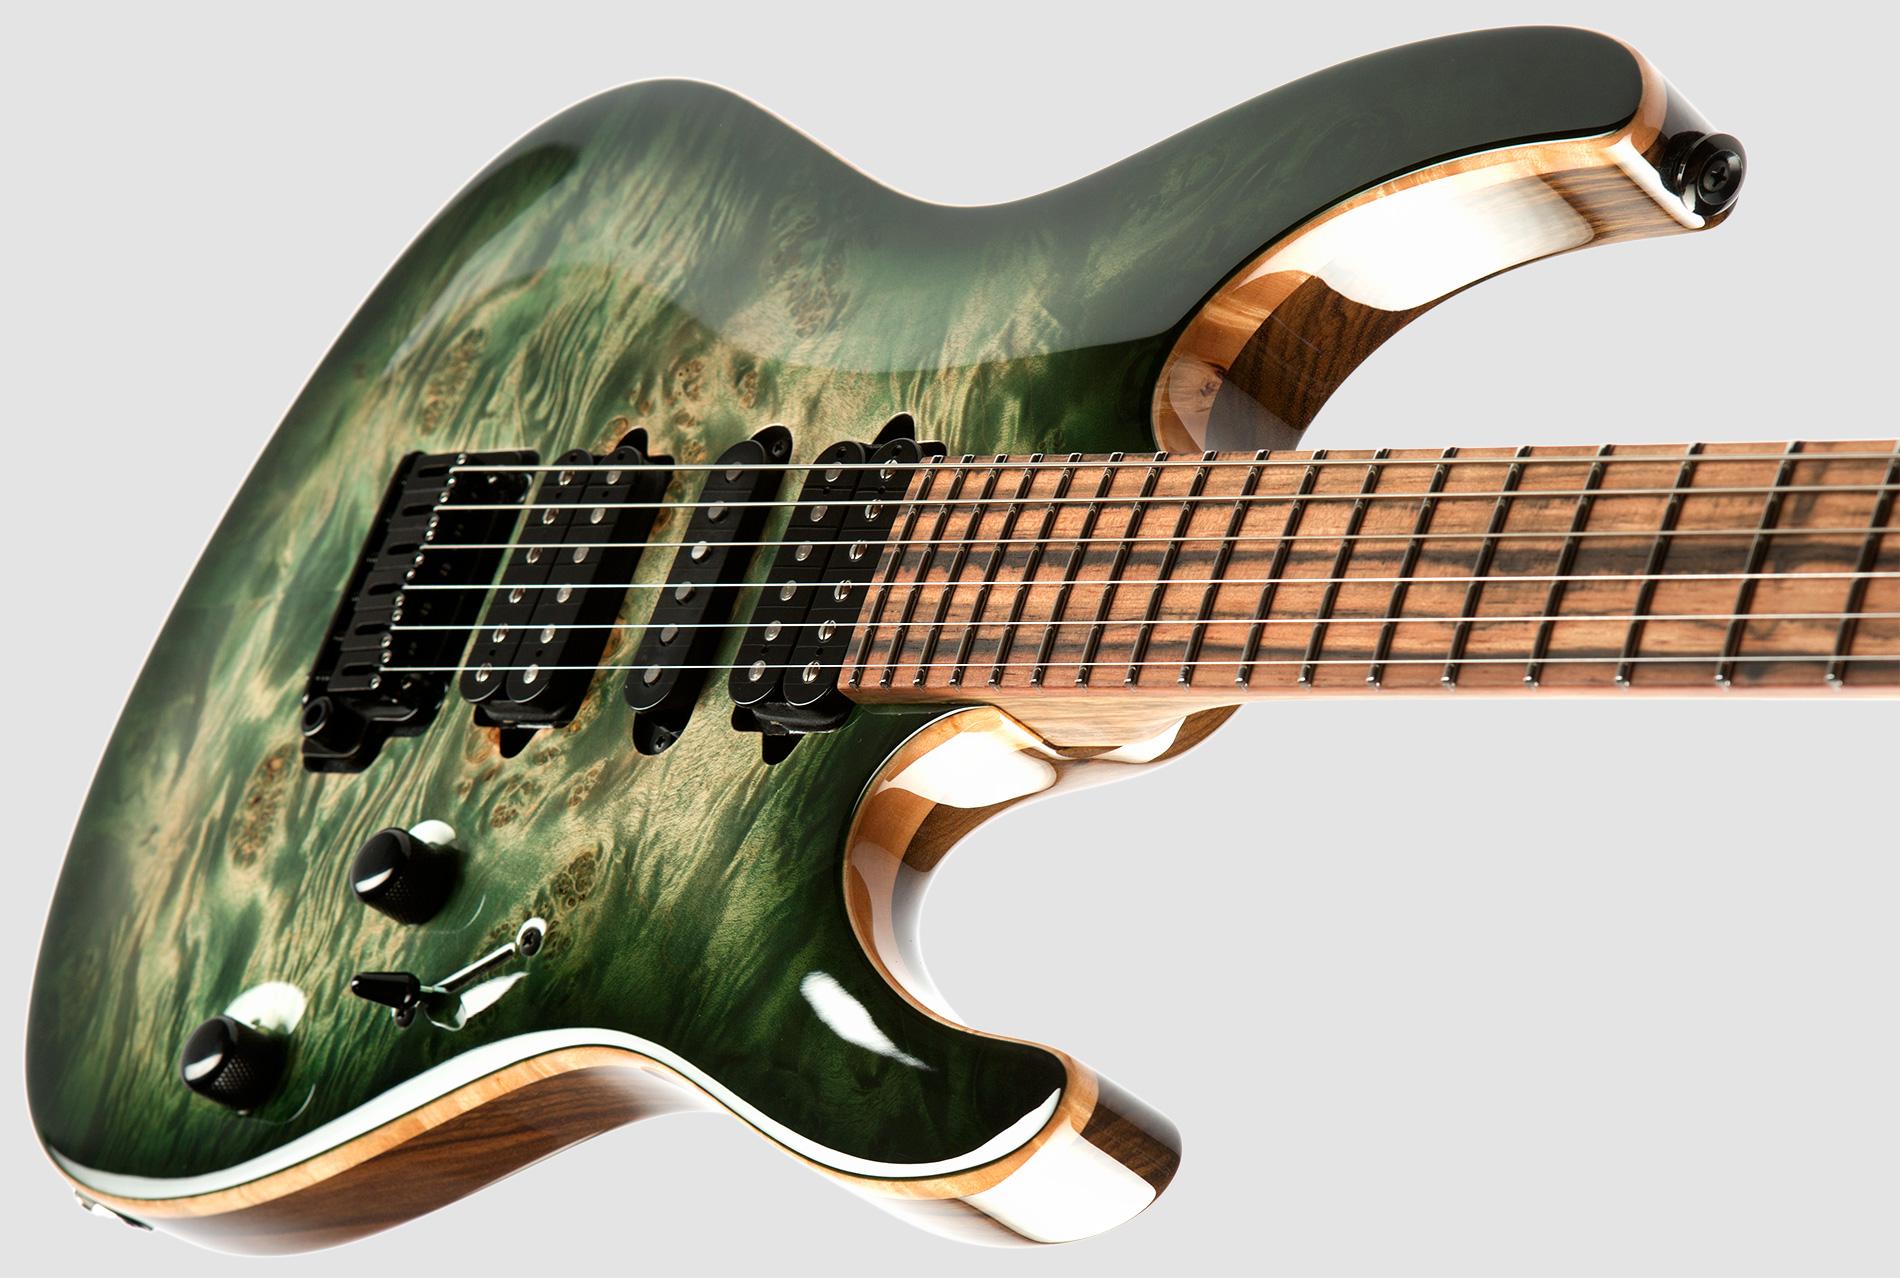 Suhr Custom Guitars Suhr Com